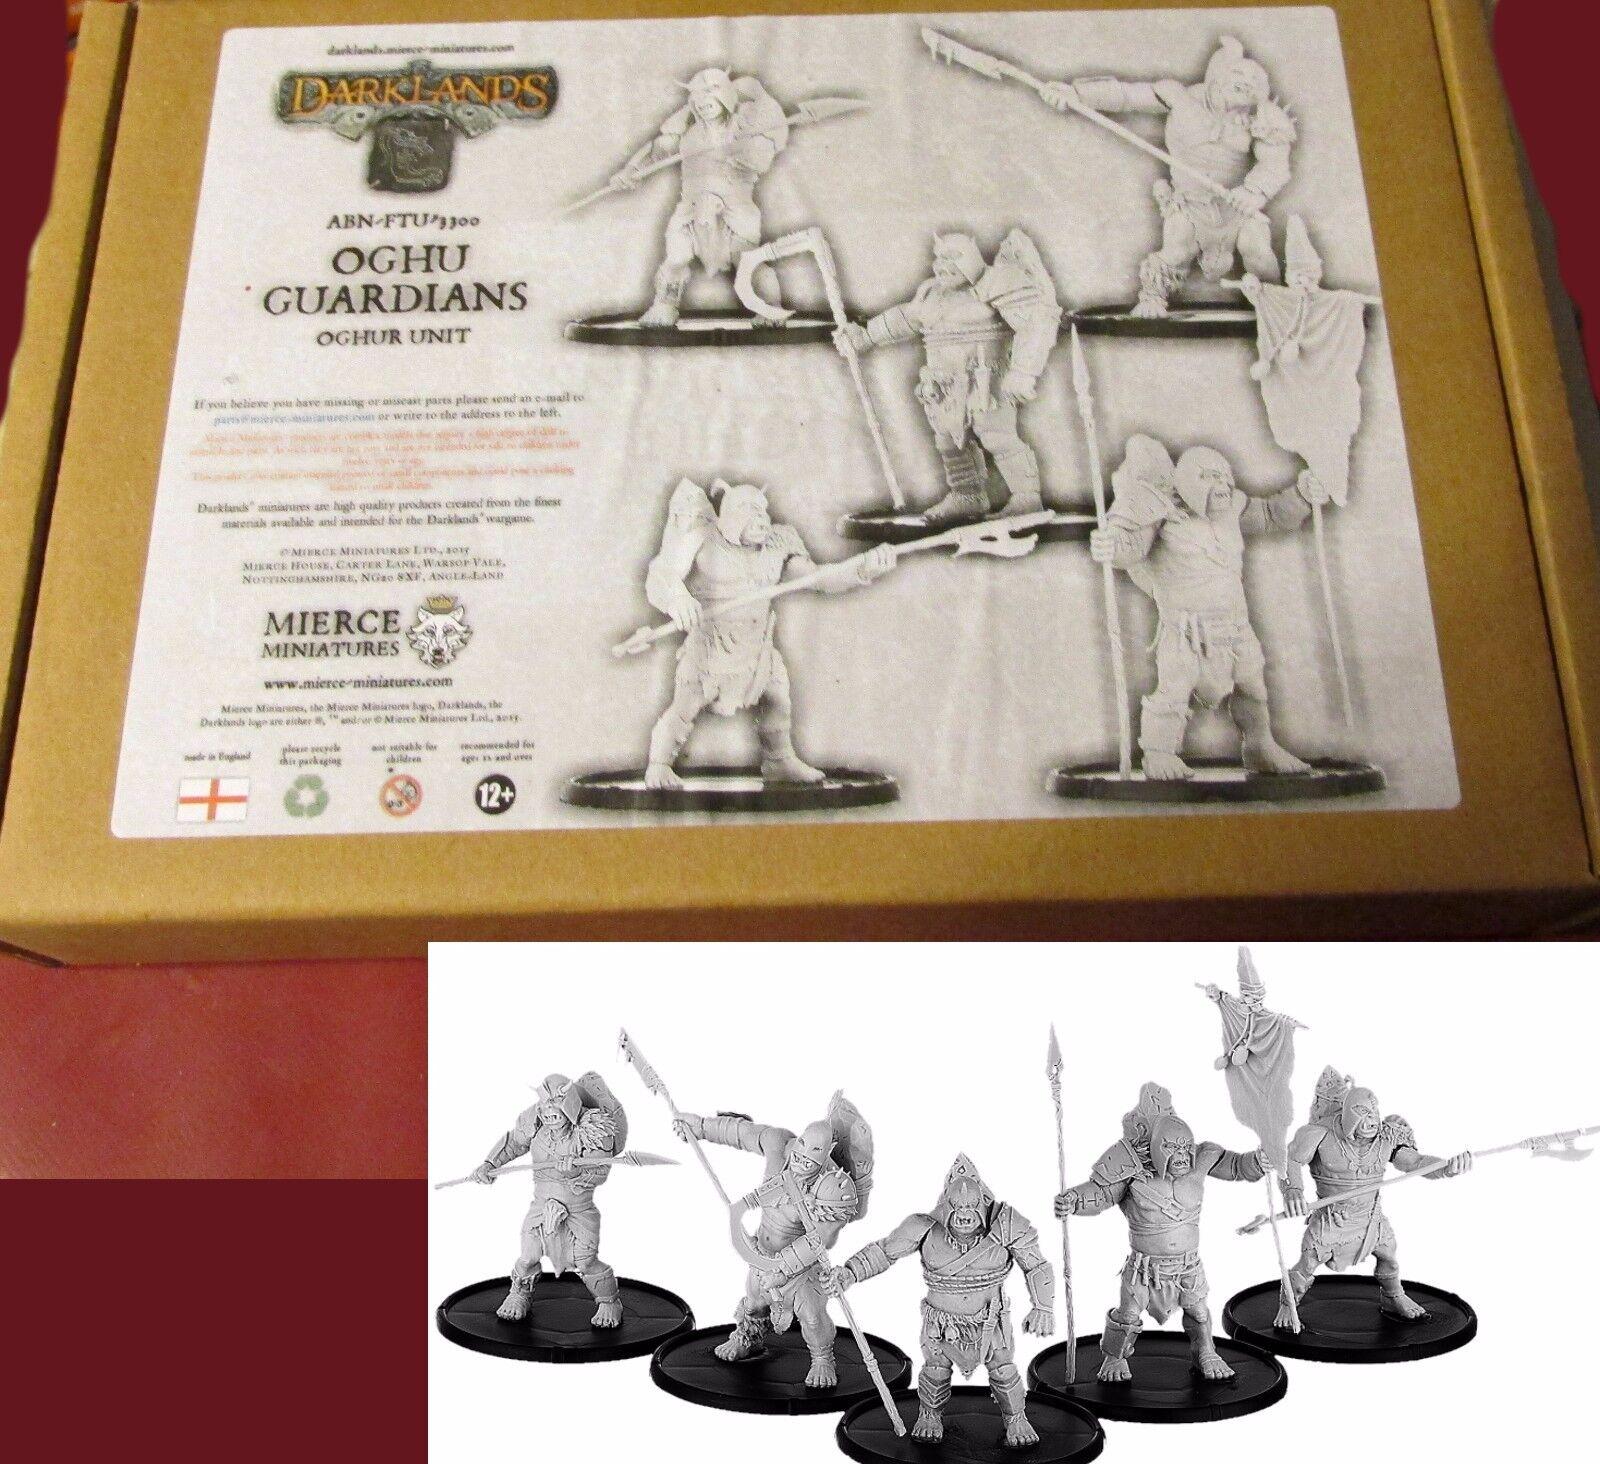 Darknles ABN-FTU-3300 Oghu Guardians Oghur Unit (5) Miniatures Ogre Warriors